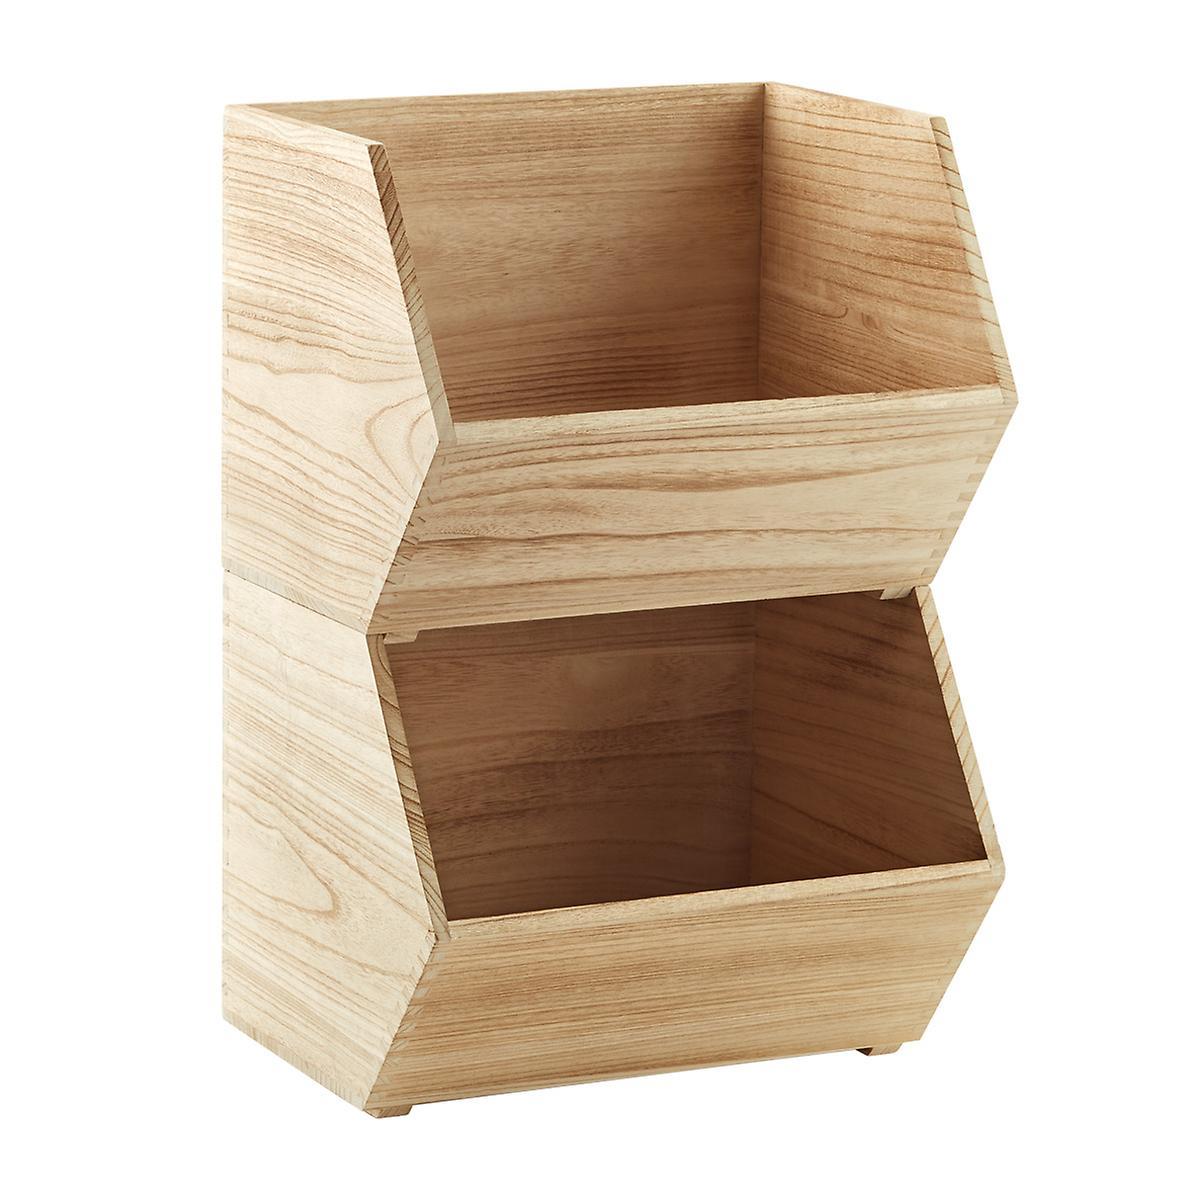 Large Wooden Stacking Bin